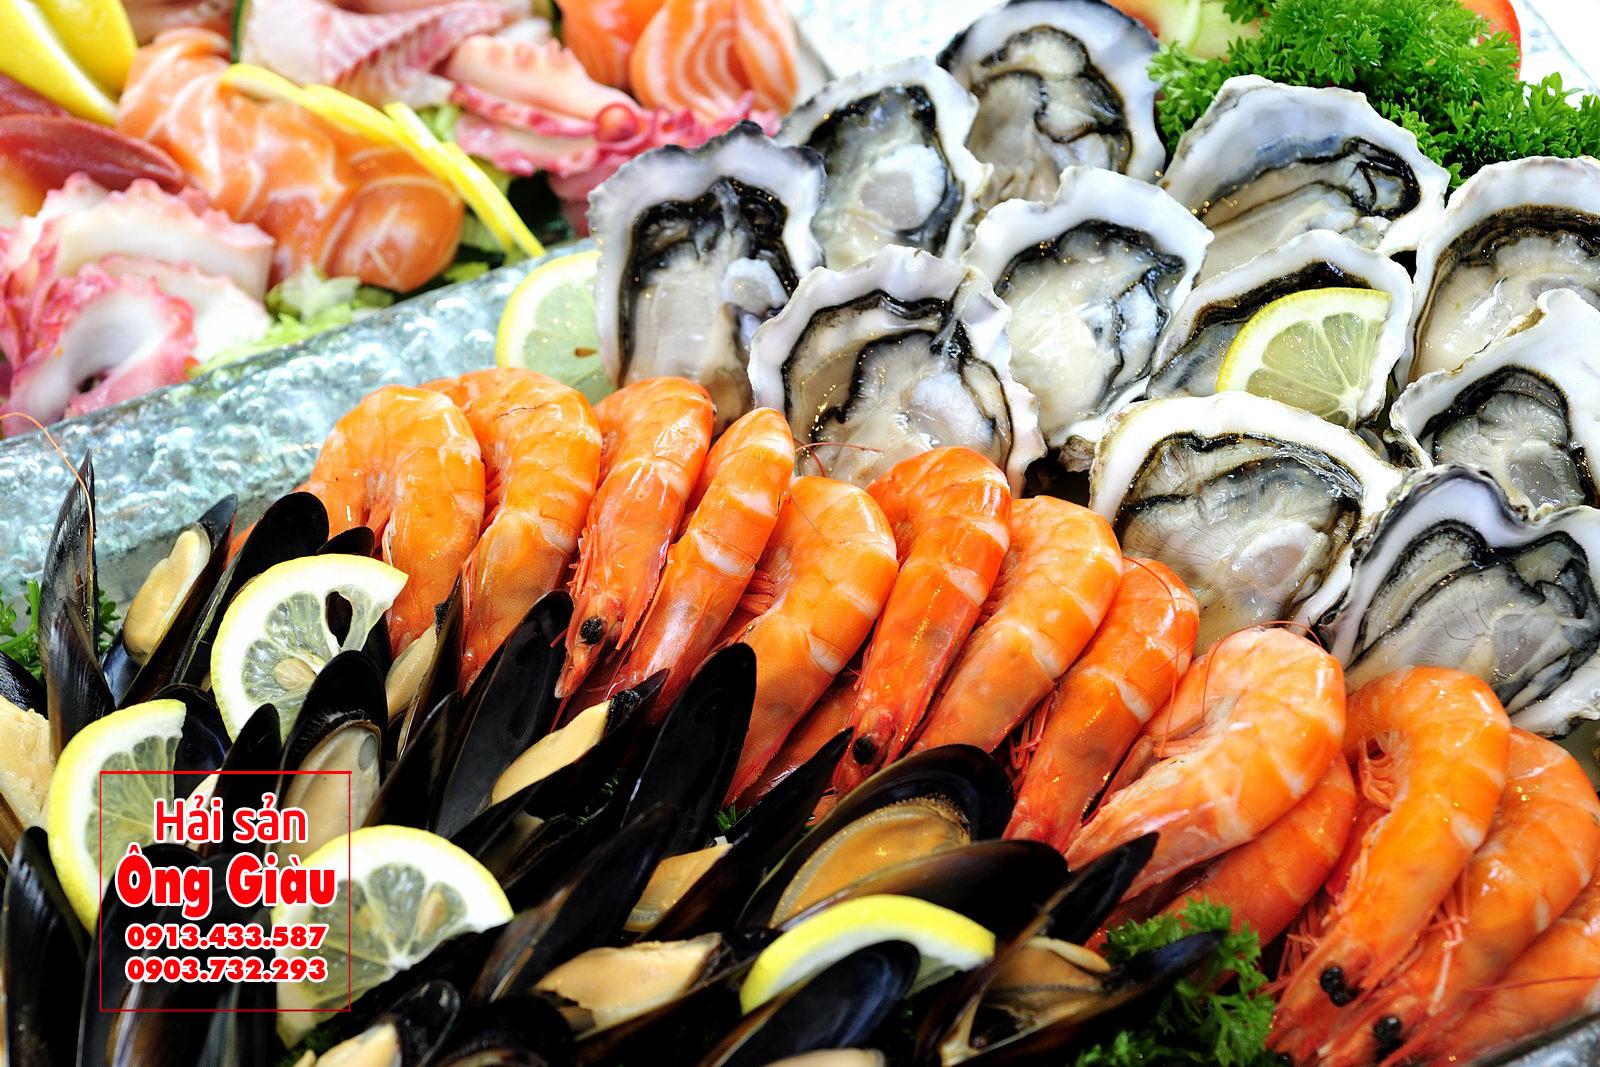 Mua hải sản tươi sống tại Hà Giang của Hải sản Ông gIàu